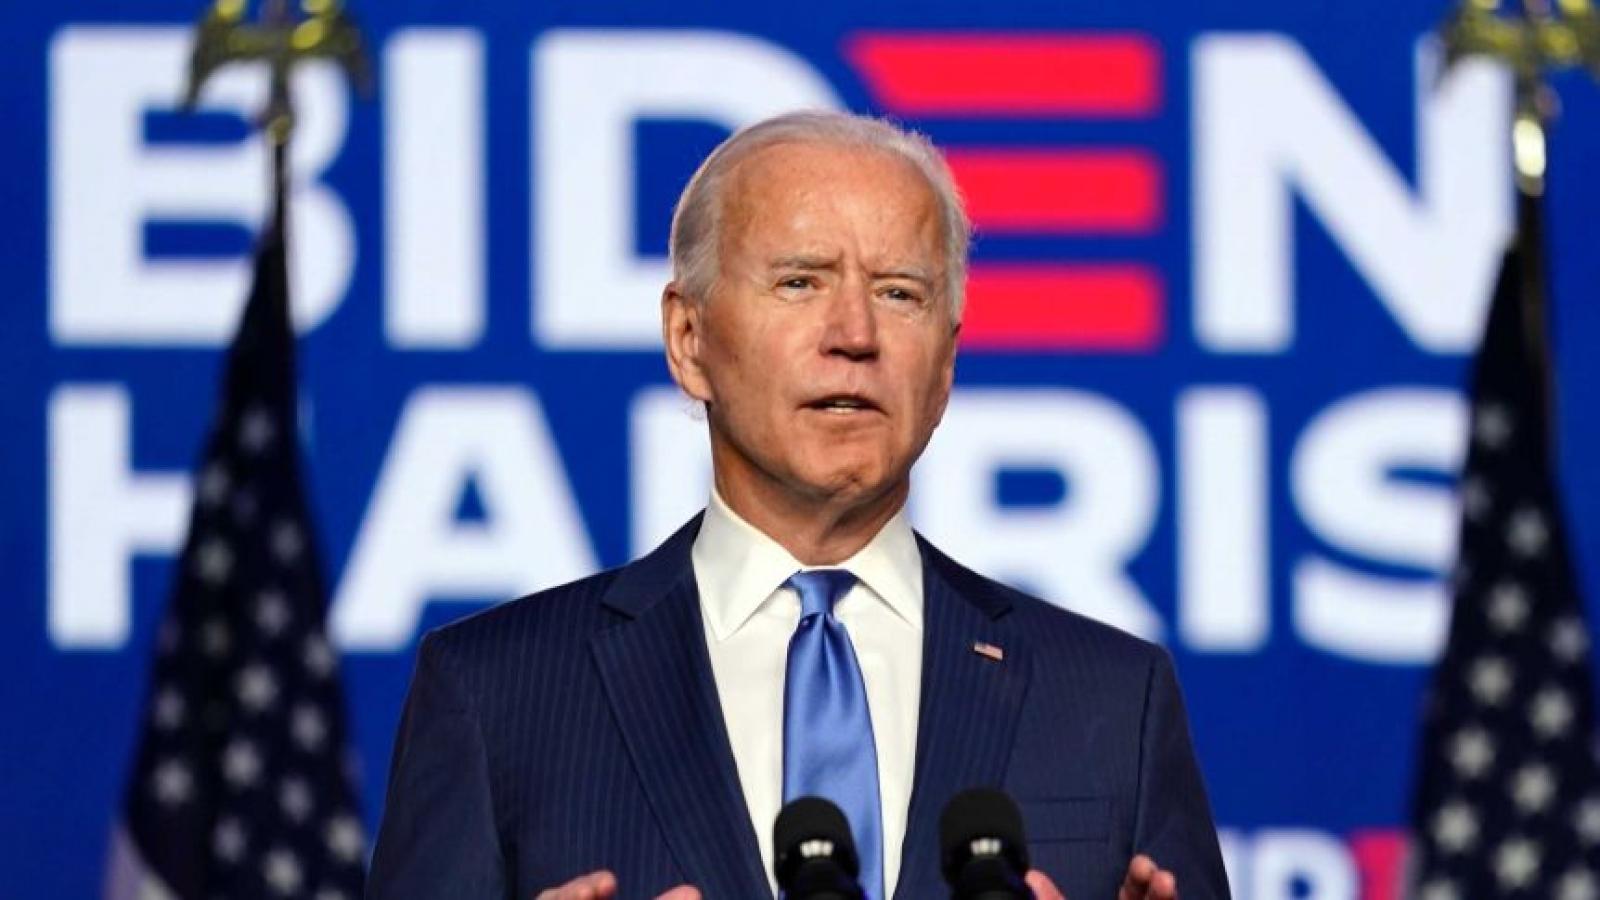 """Ông Biden sẽ gặp trở ngại lớn trong tiến trình chấm dứt """"kỷ nguyên Trump""""?"""